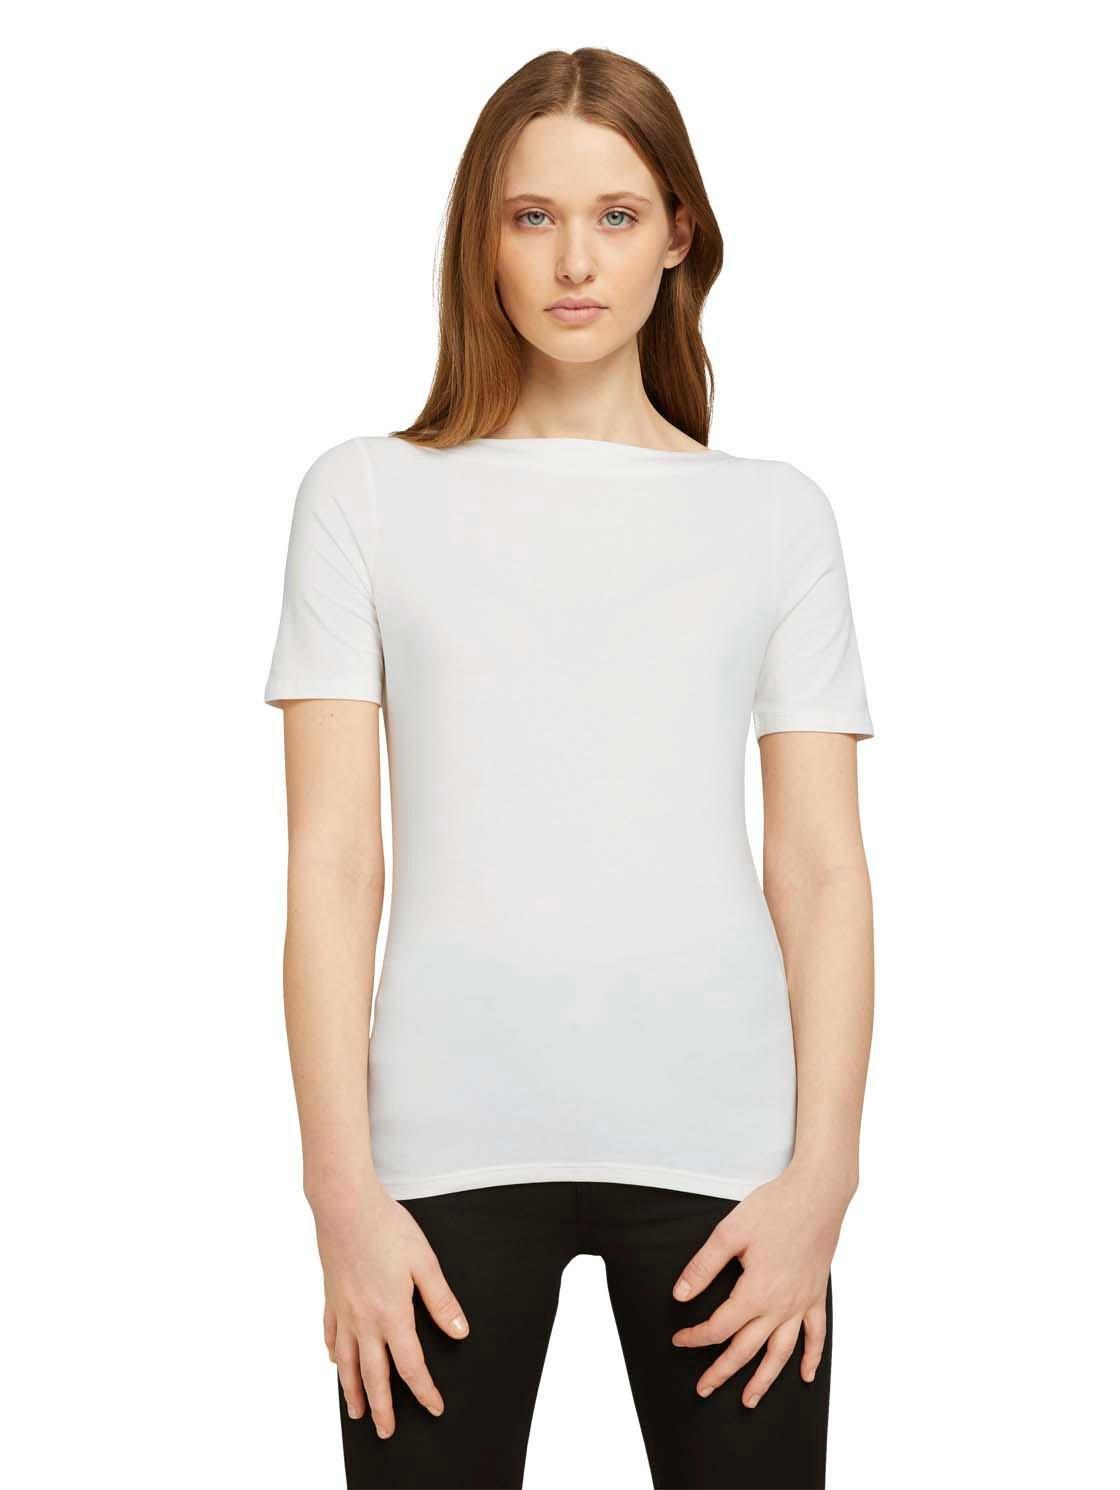 Tom Tailor Denim T-shirt met boothals bestellen: 30 dagen bedenktijd